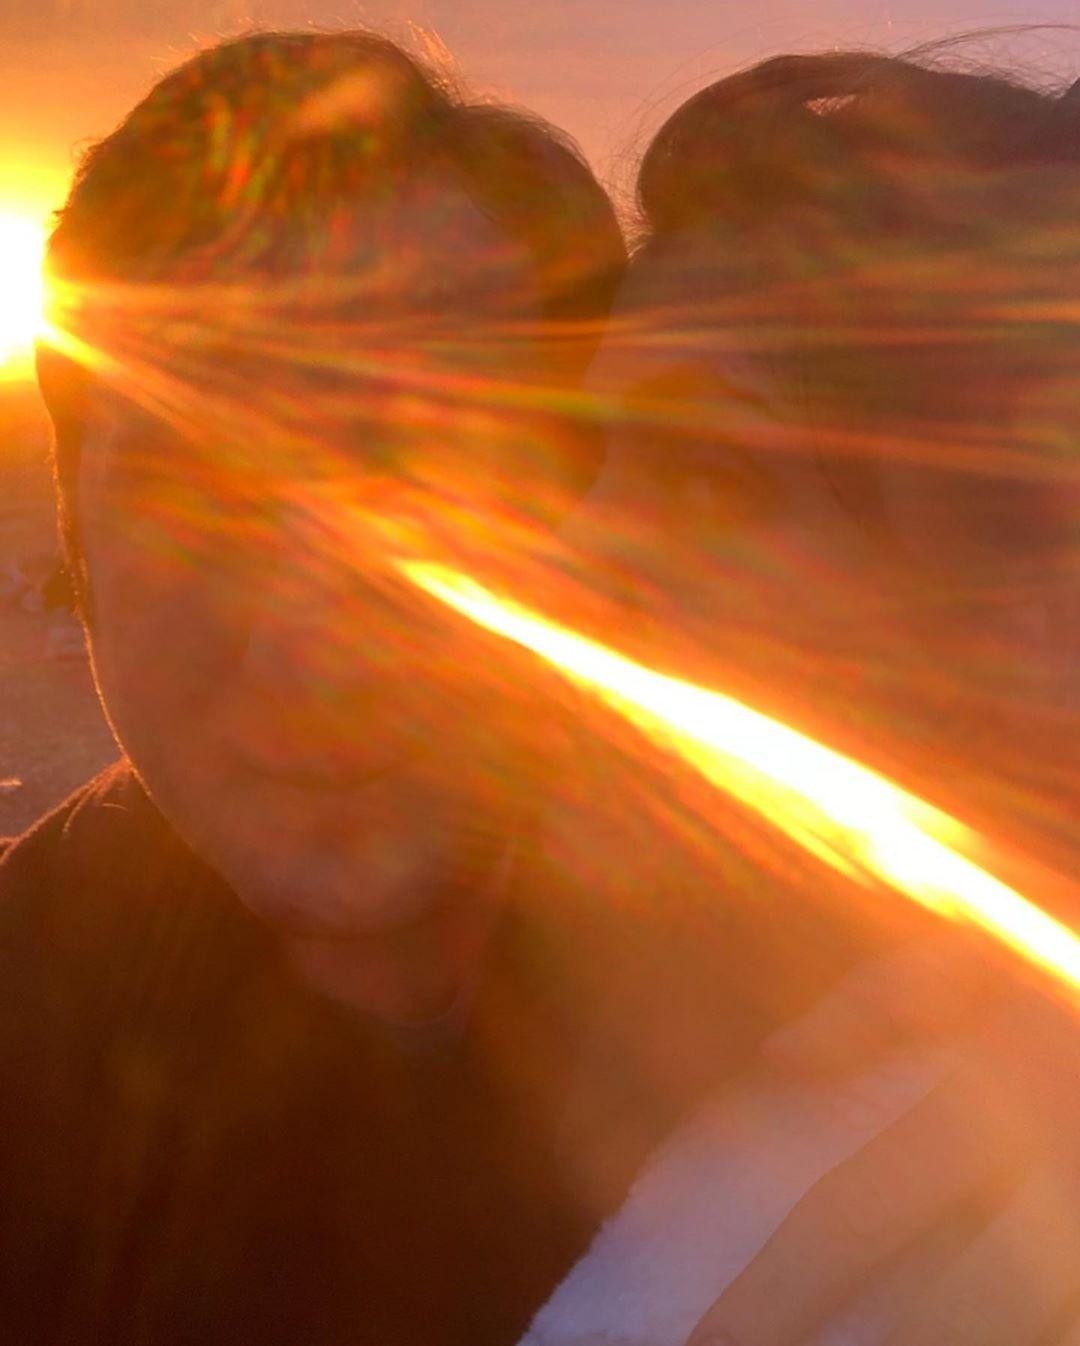 Второй снимок в«фотокарусели» был сделан недавно. Нанем пара «утопает» влучах солнца ивобъятиях друг друга.